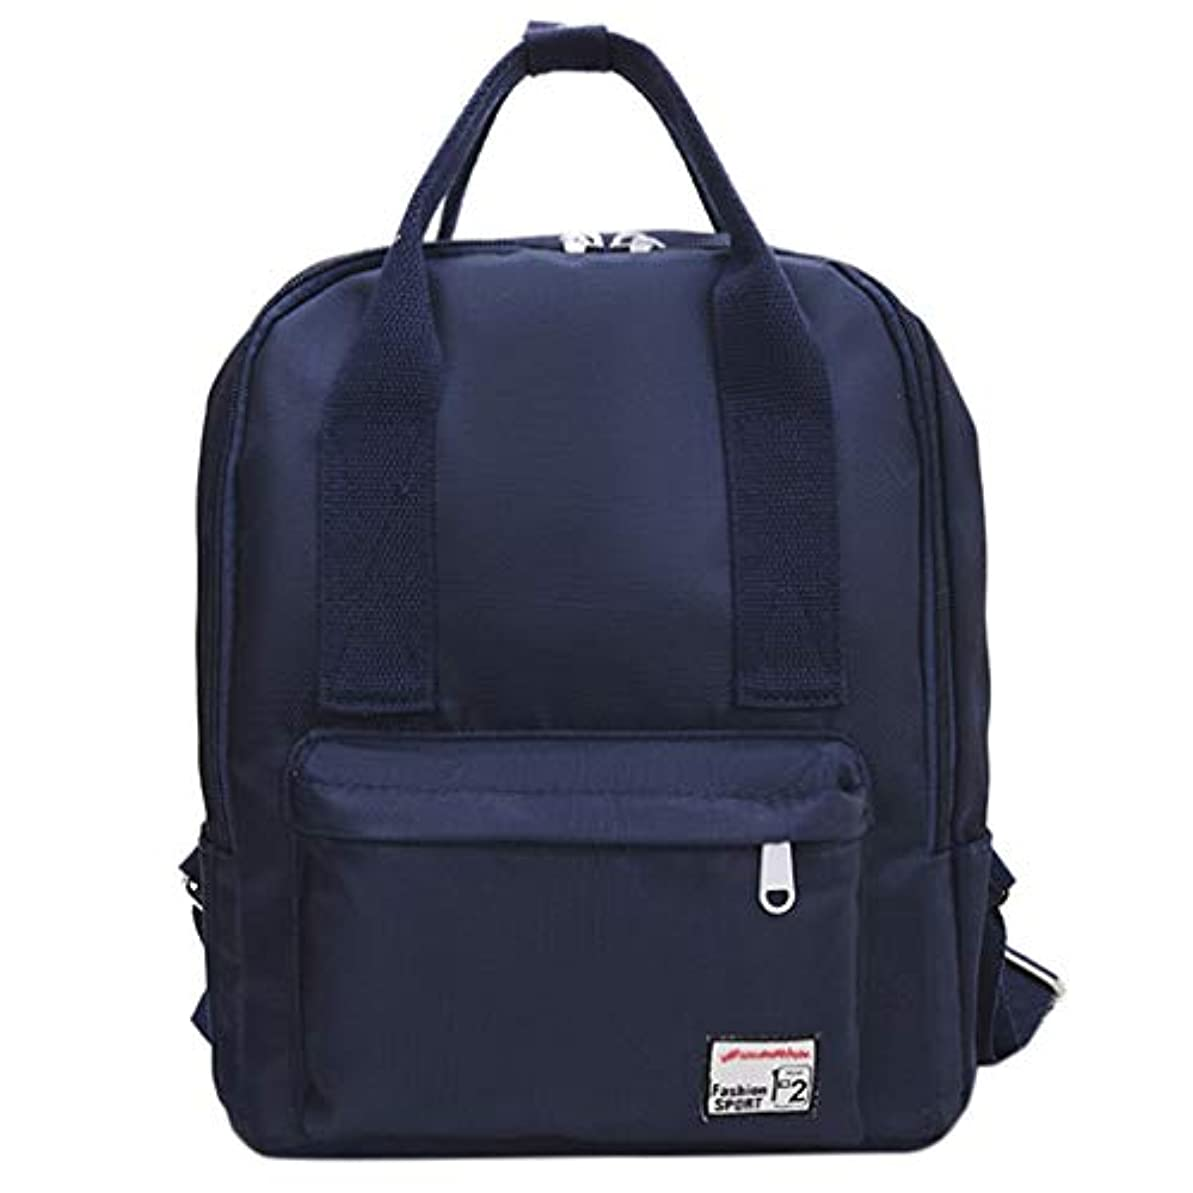 ホステスうま変更女の子屋外かわいいシンプルなナイロンバックパック、学生襟カラーアートバッグ屋外軽量旅行ポータブル耐久性のあるバックパック